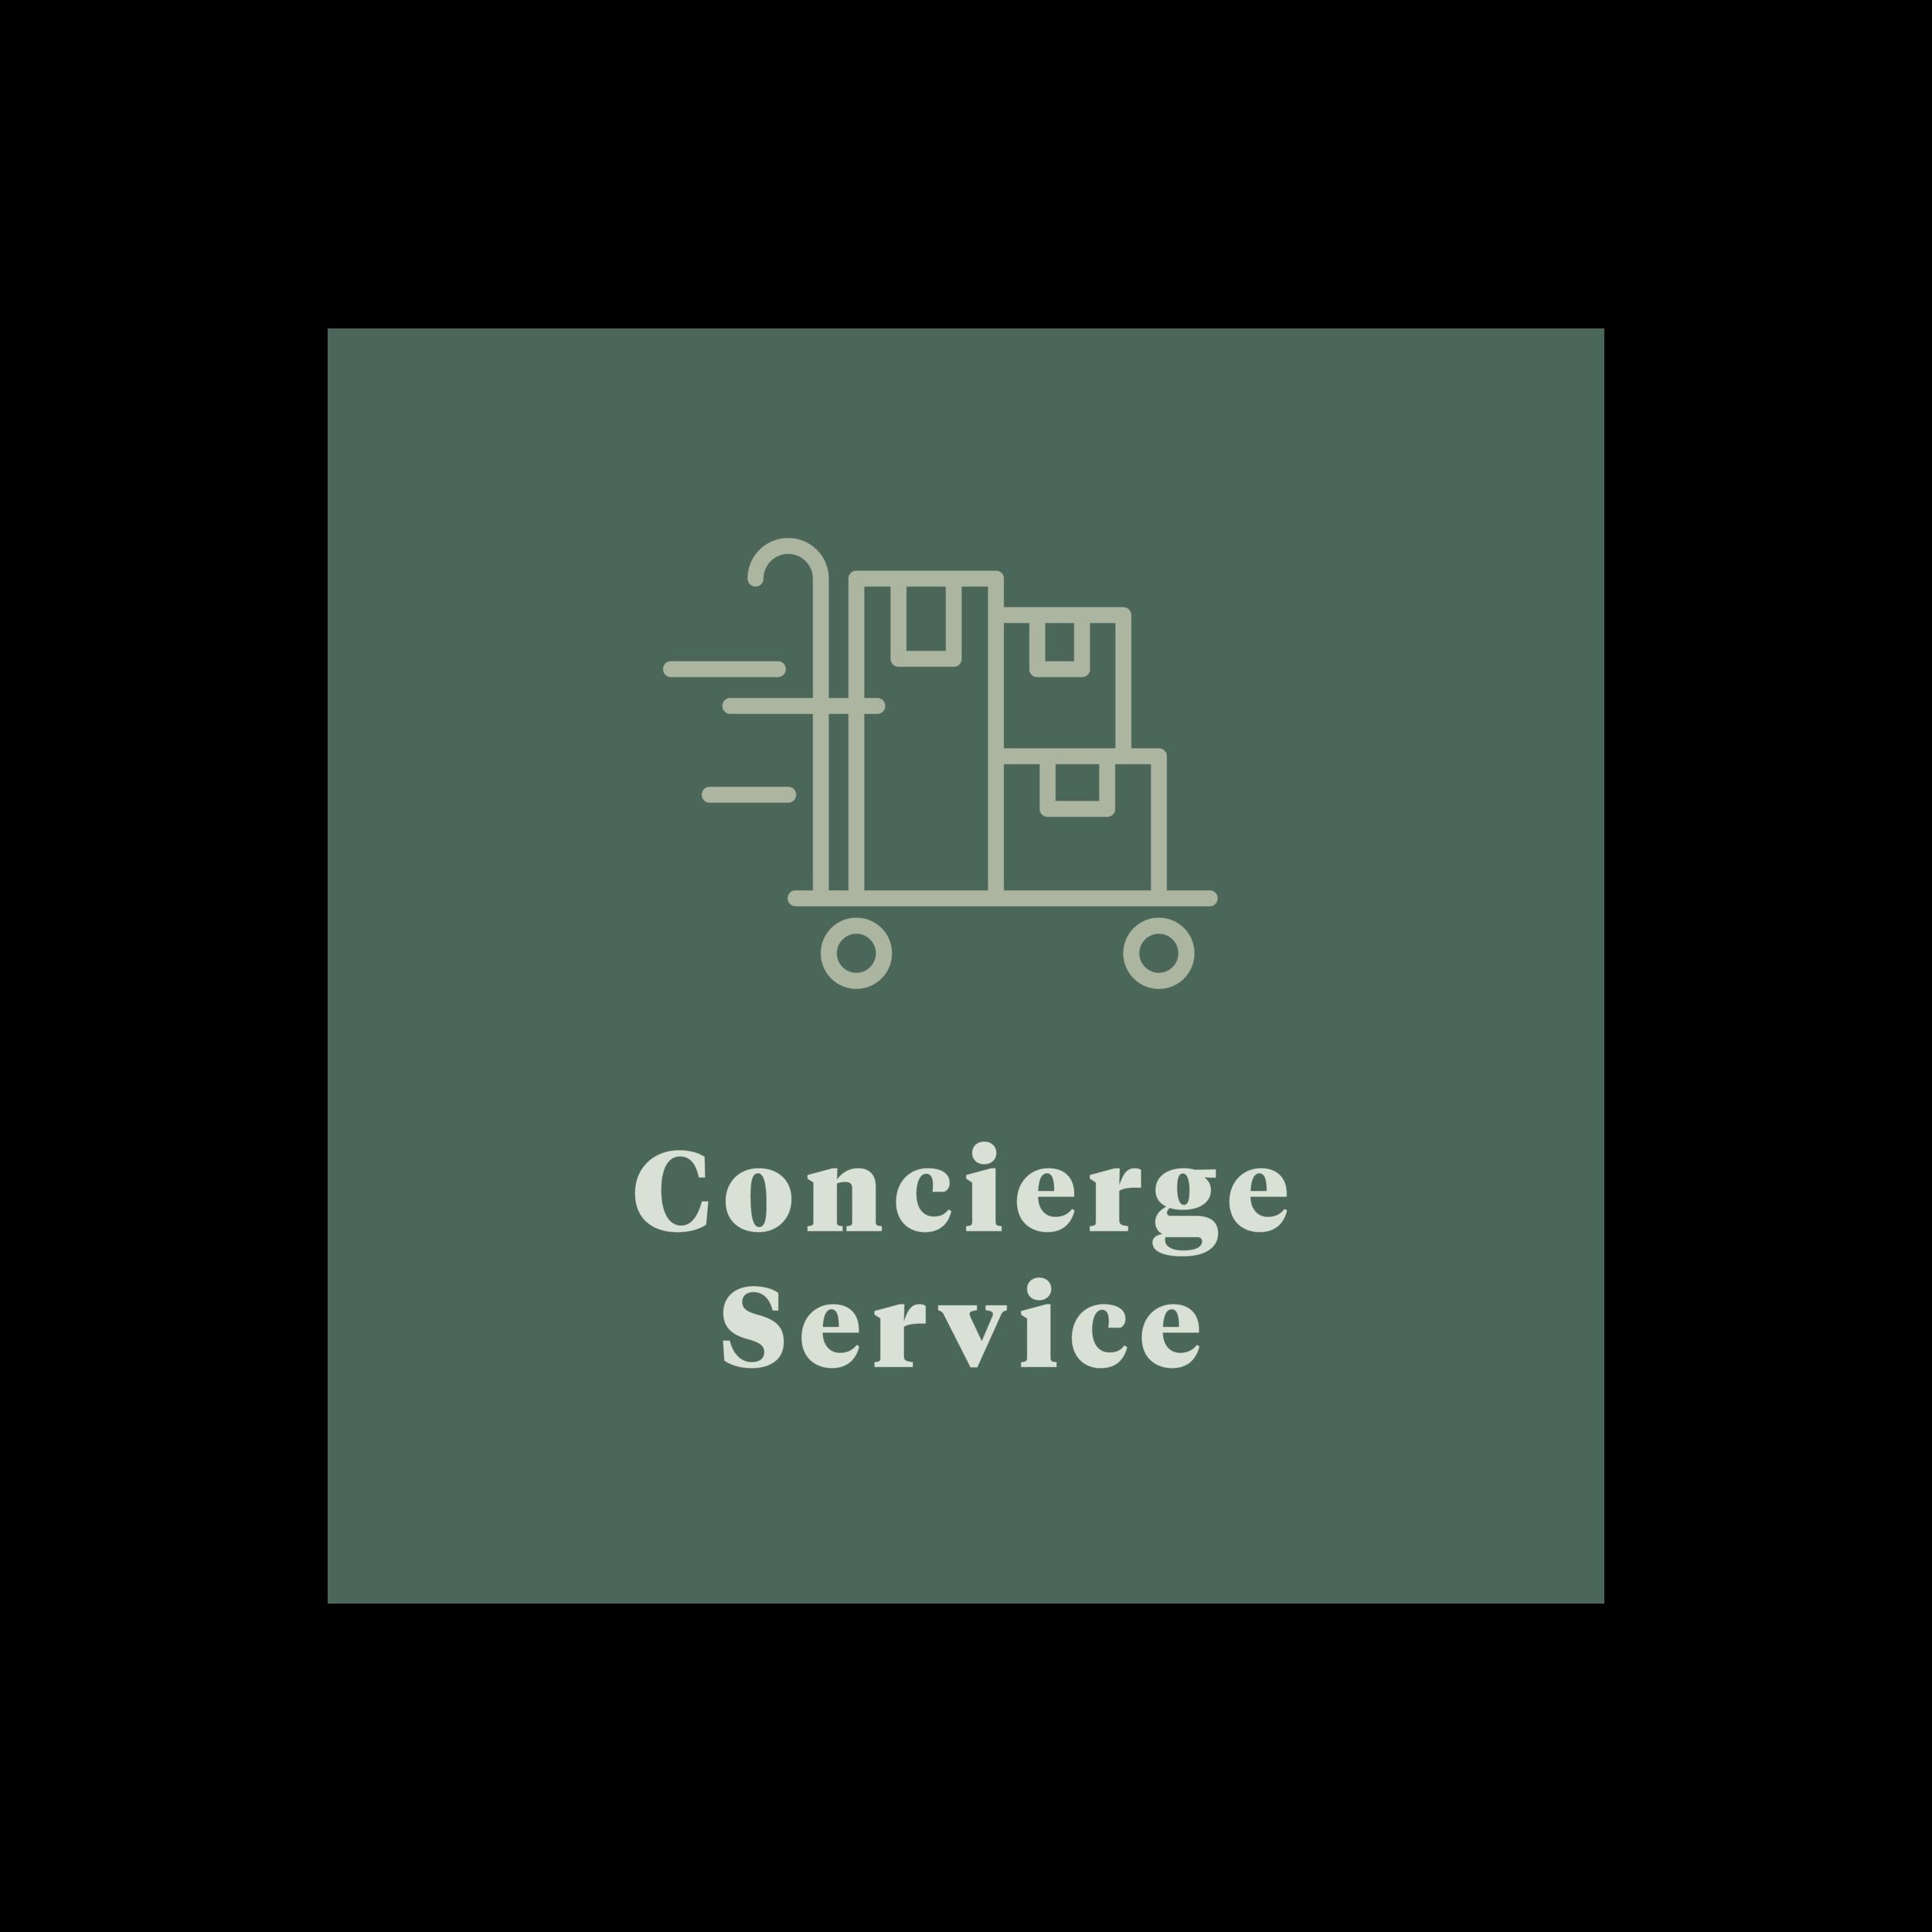 Park City Concierge Services - Concierge Service